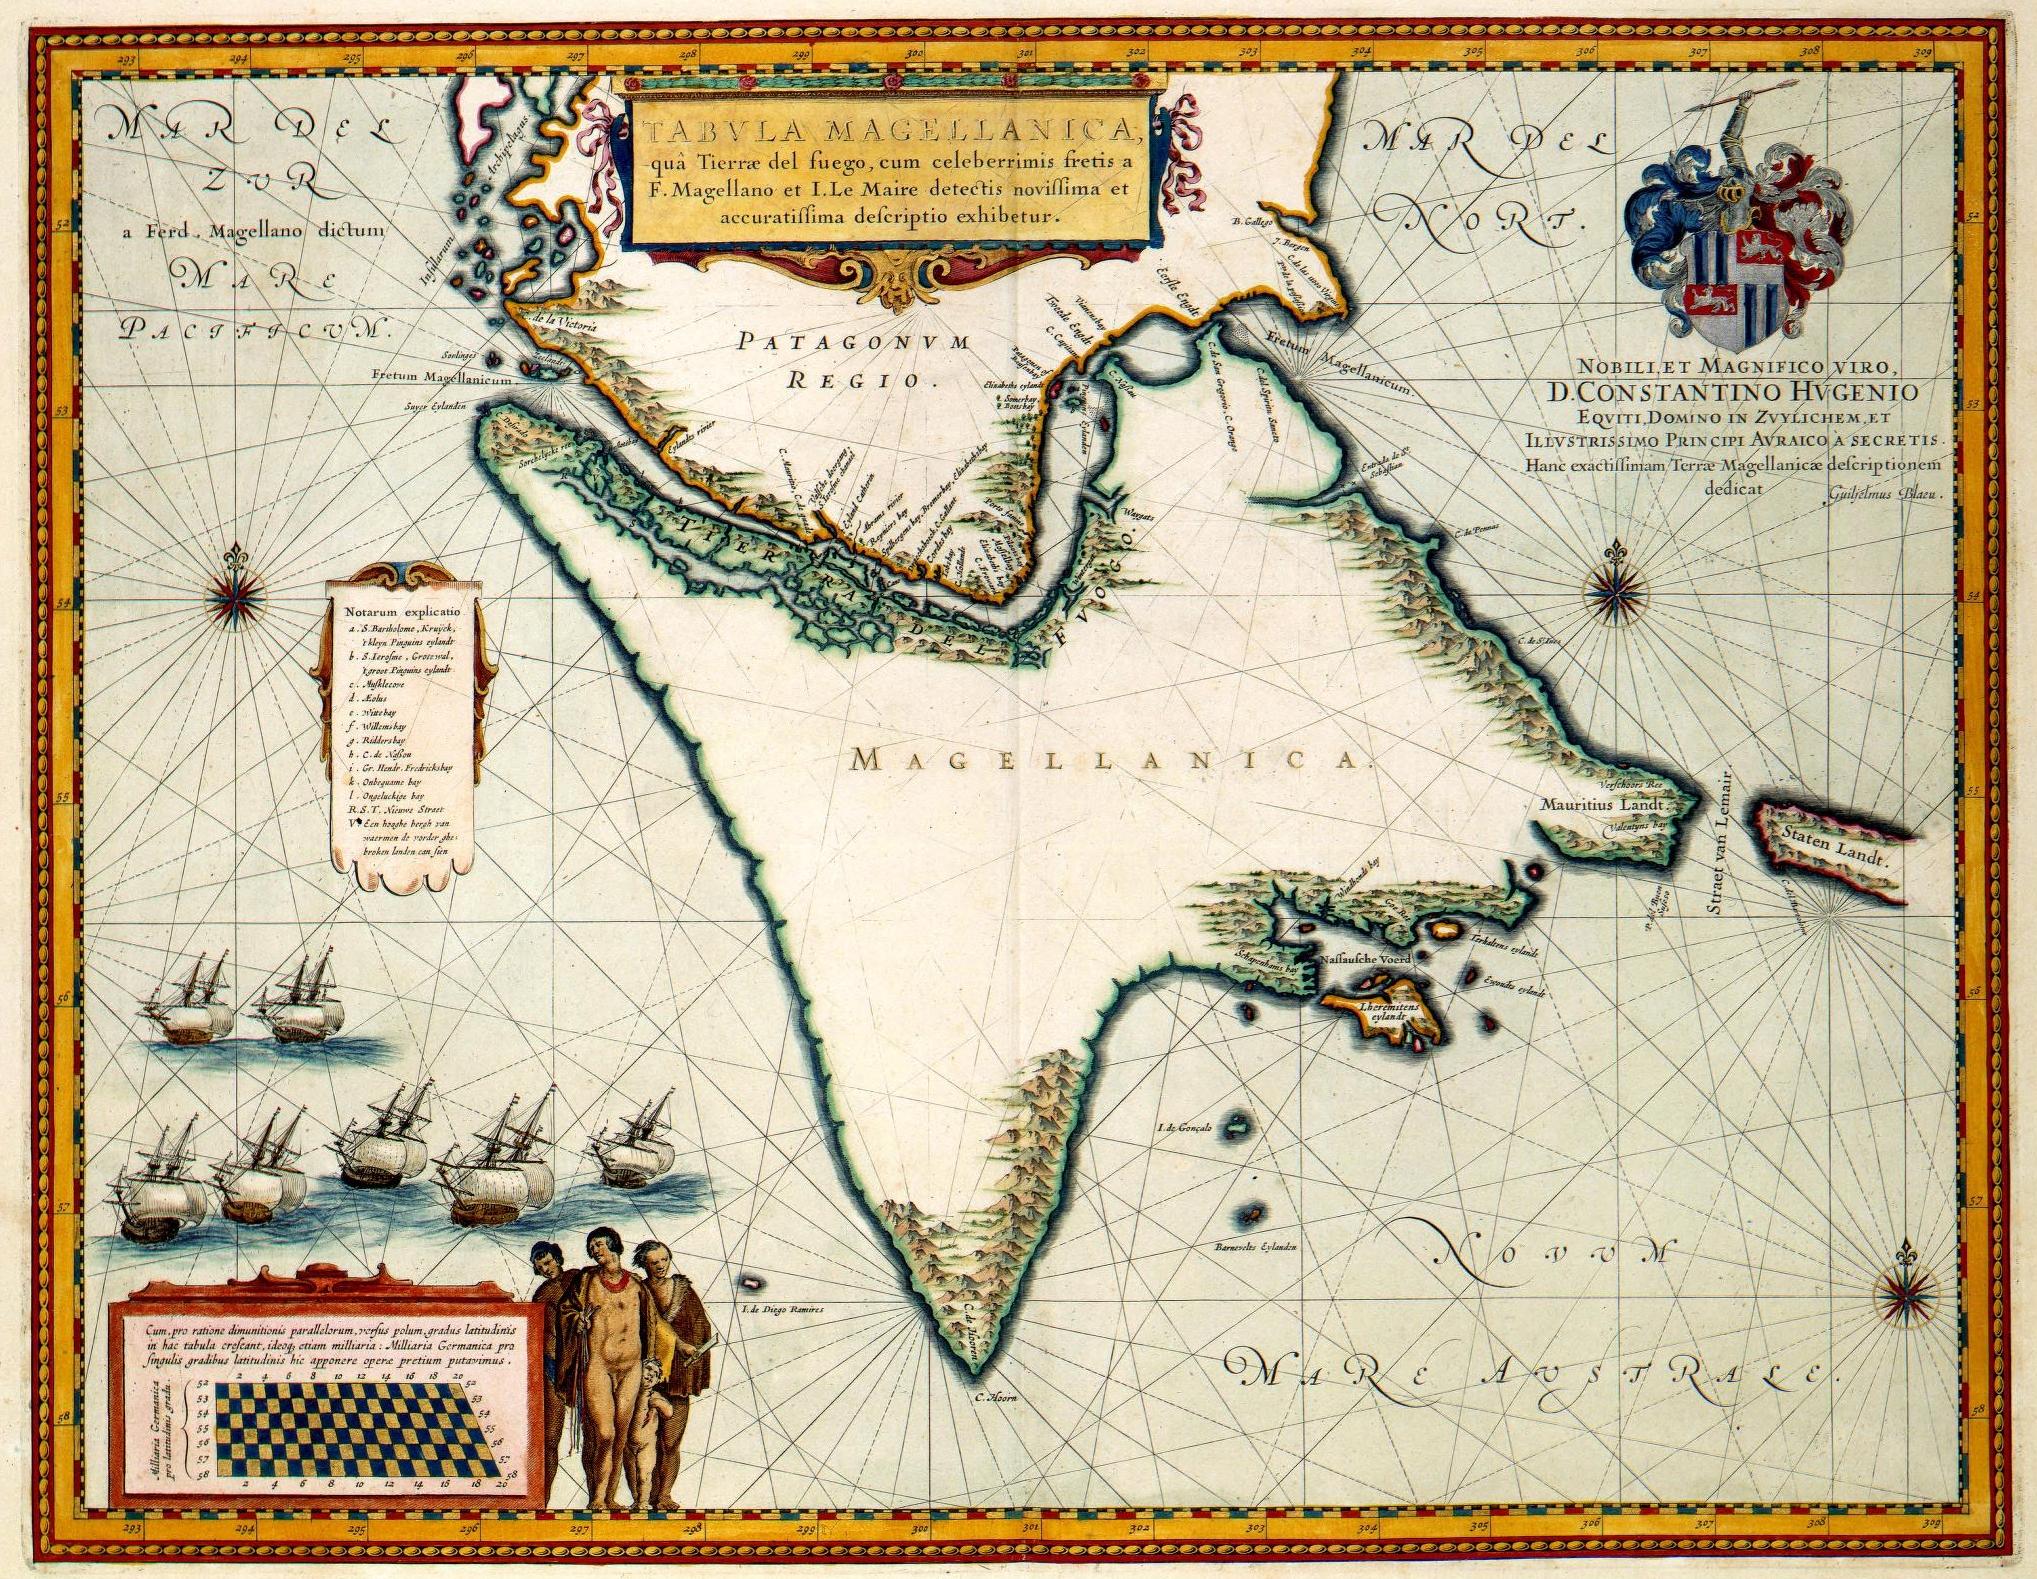 http://upload.wikimedia.org/wikipedia/commons/d/d3/Willem_Blaeu_-_Tabula_Magellanica_1635.jpg